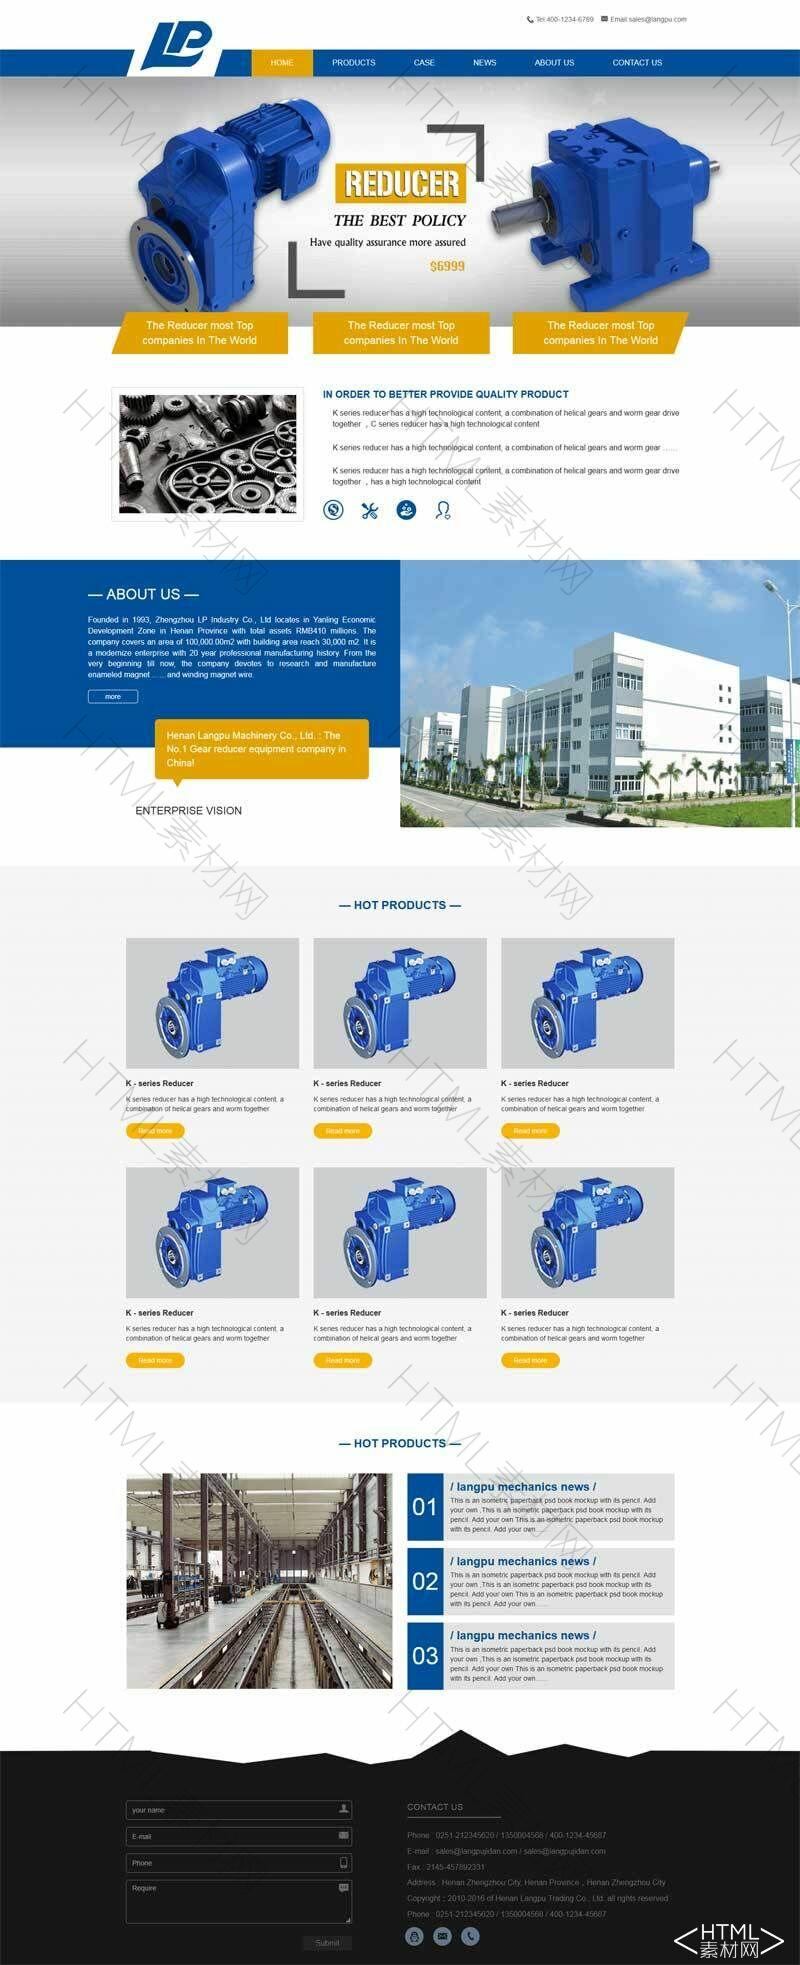 蓝色的减速机机械设备企业网站模板.jpg